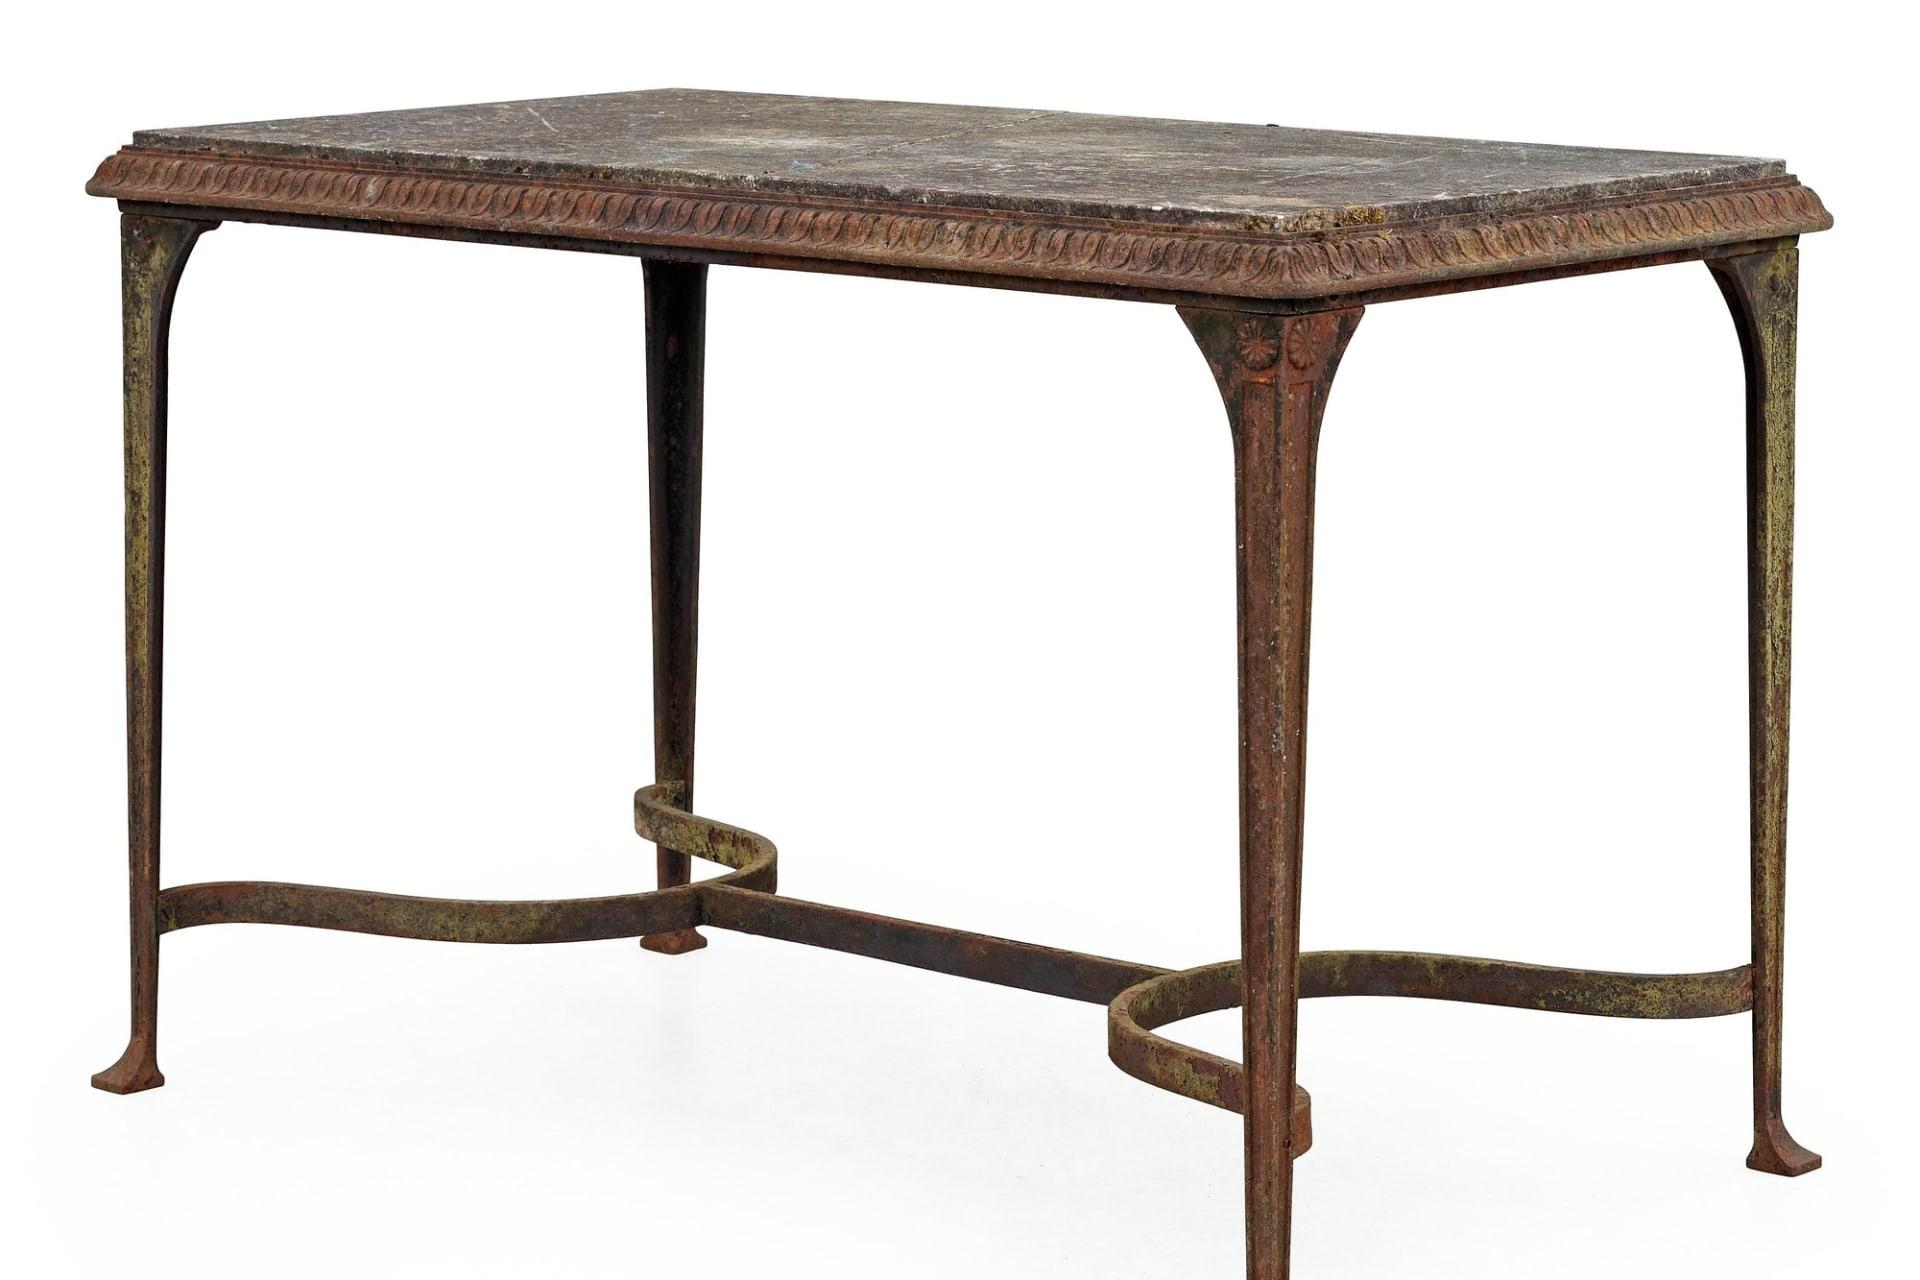 Bordet designat av Folke Bensow för Näfveqvarns Bruk är tillverkat av gjutjärn med bordsskiva av kalksten som åldrats med tiden. På Bukowskis moderna kan de ropas ut för mellan 30 000 – 35 000.